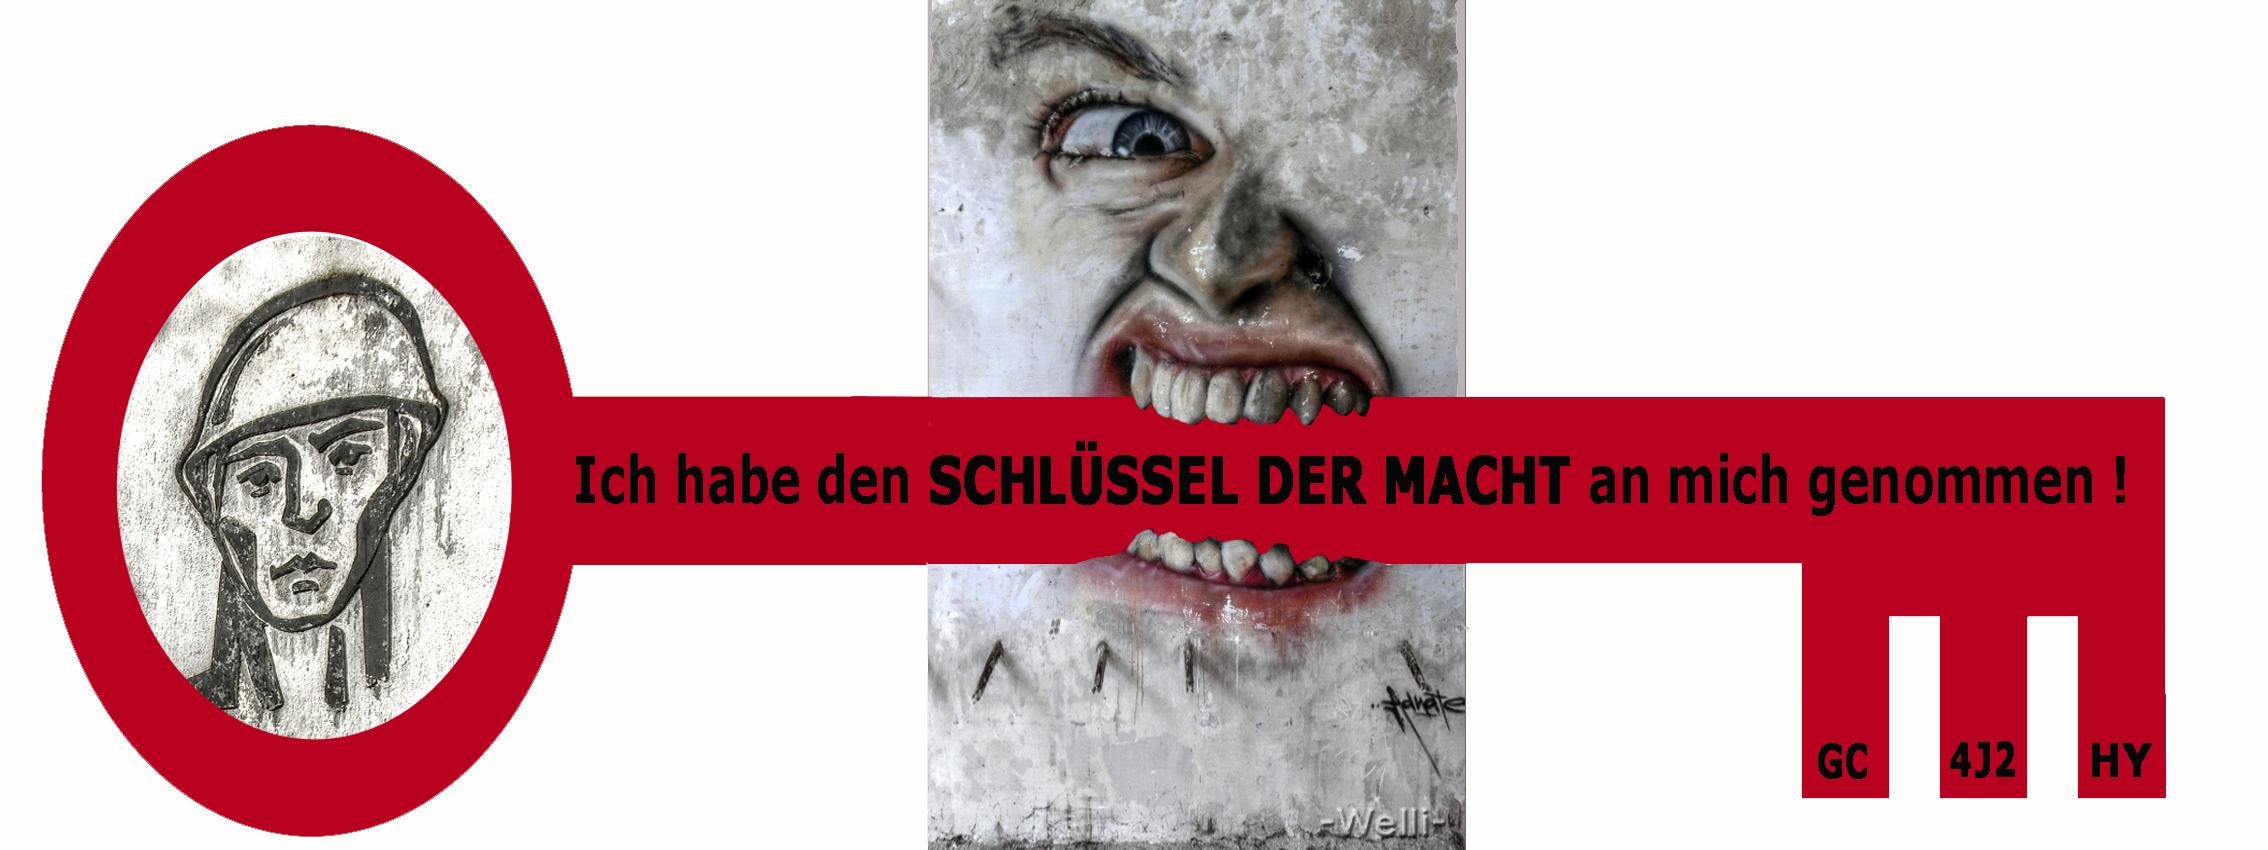 Schl�ssel der Macht (reactivated)